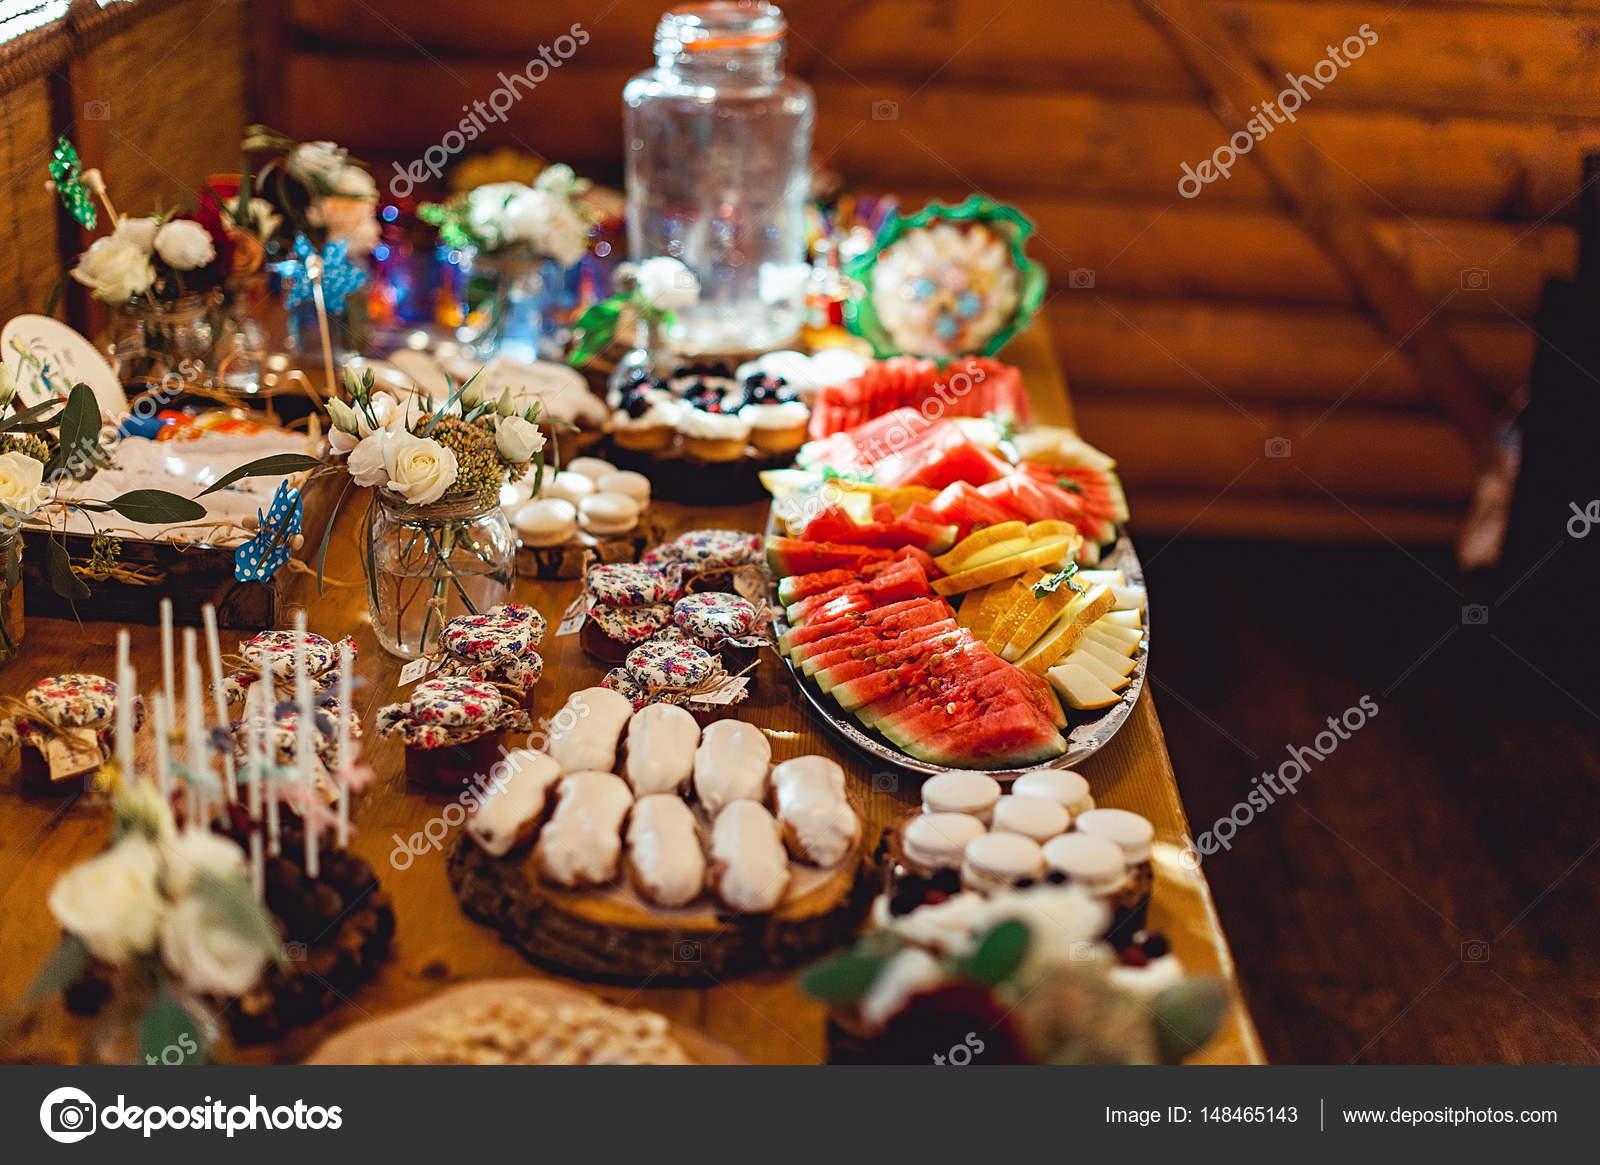 Buffet Di Dolci E Frutta : Come preparare un buffet salato completo fatto in casa da benedetta